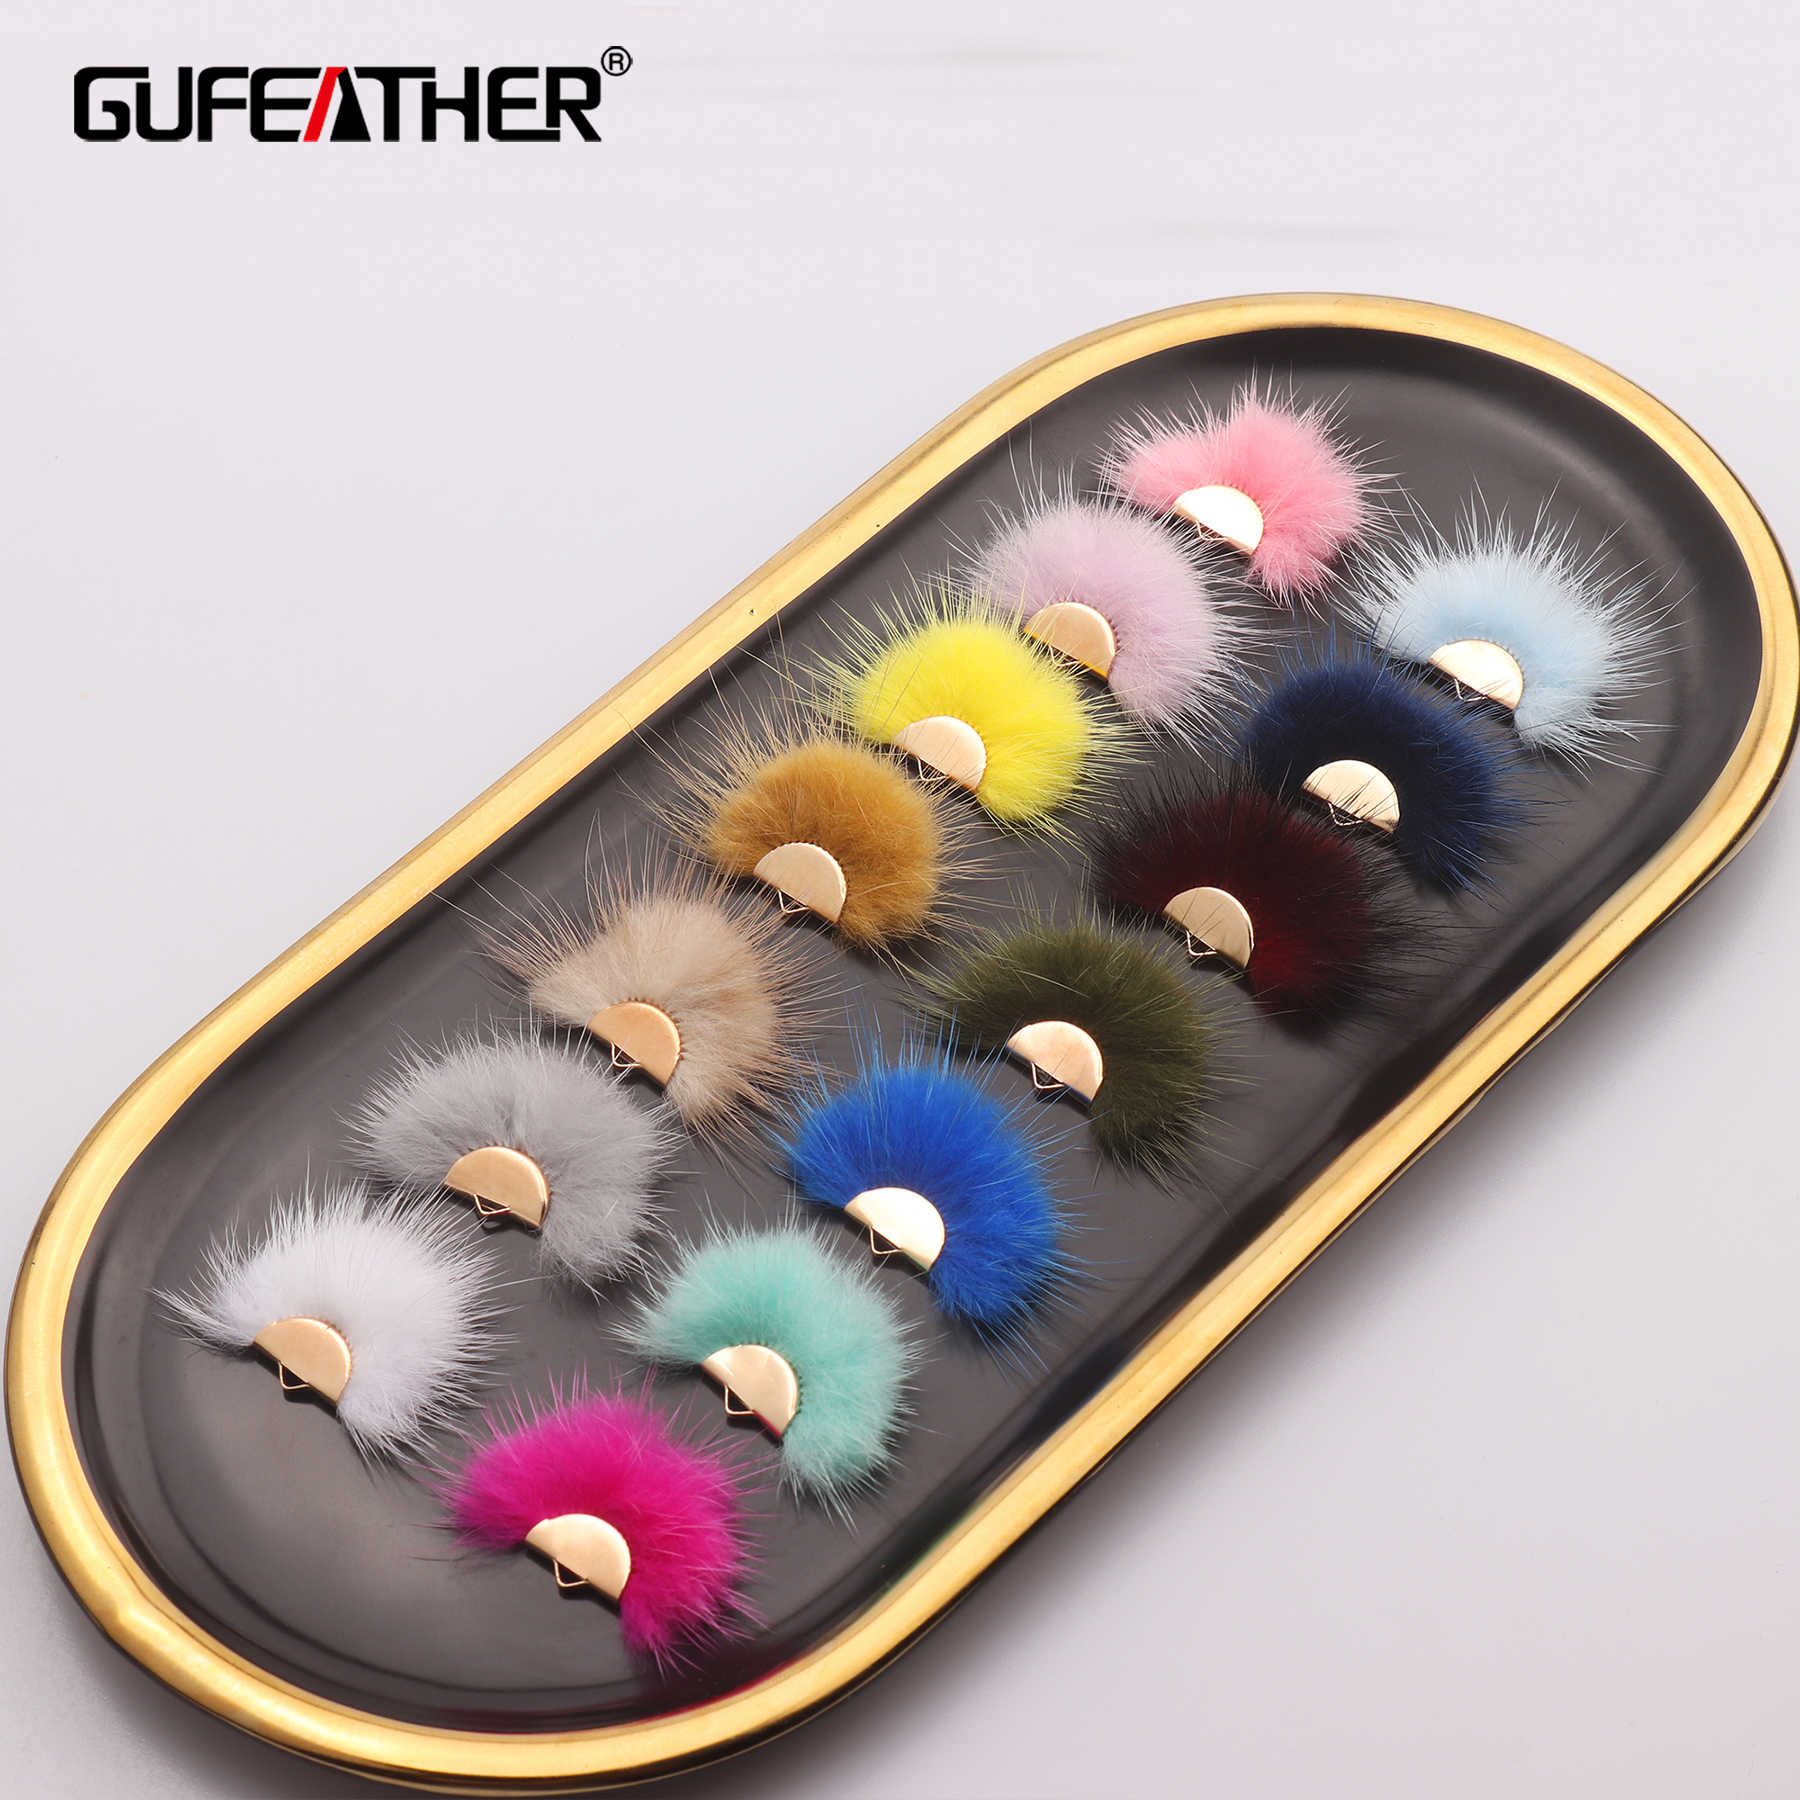 GUFEATHER L199, tua rua, thật lông chồn, phụ kiện trang sức, vòng tay, hoa tai phụ kiện, trang sức làm, tự làm bông tai 10 cái/lốc